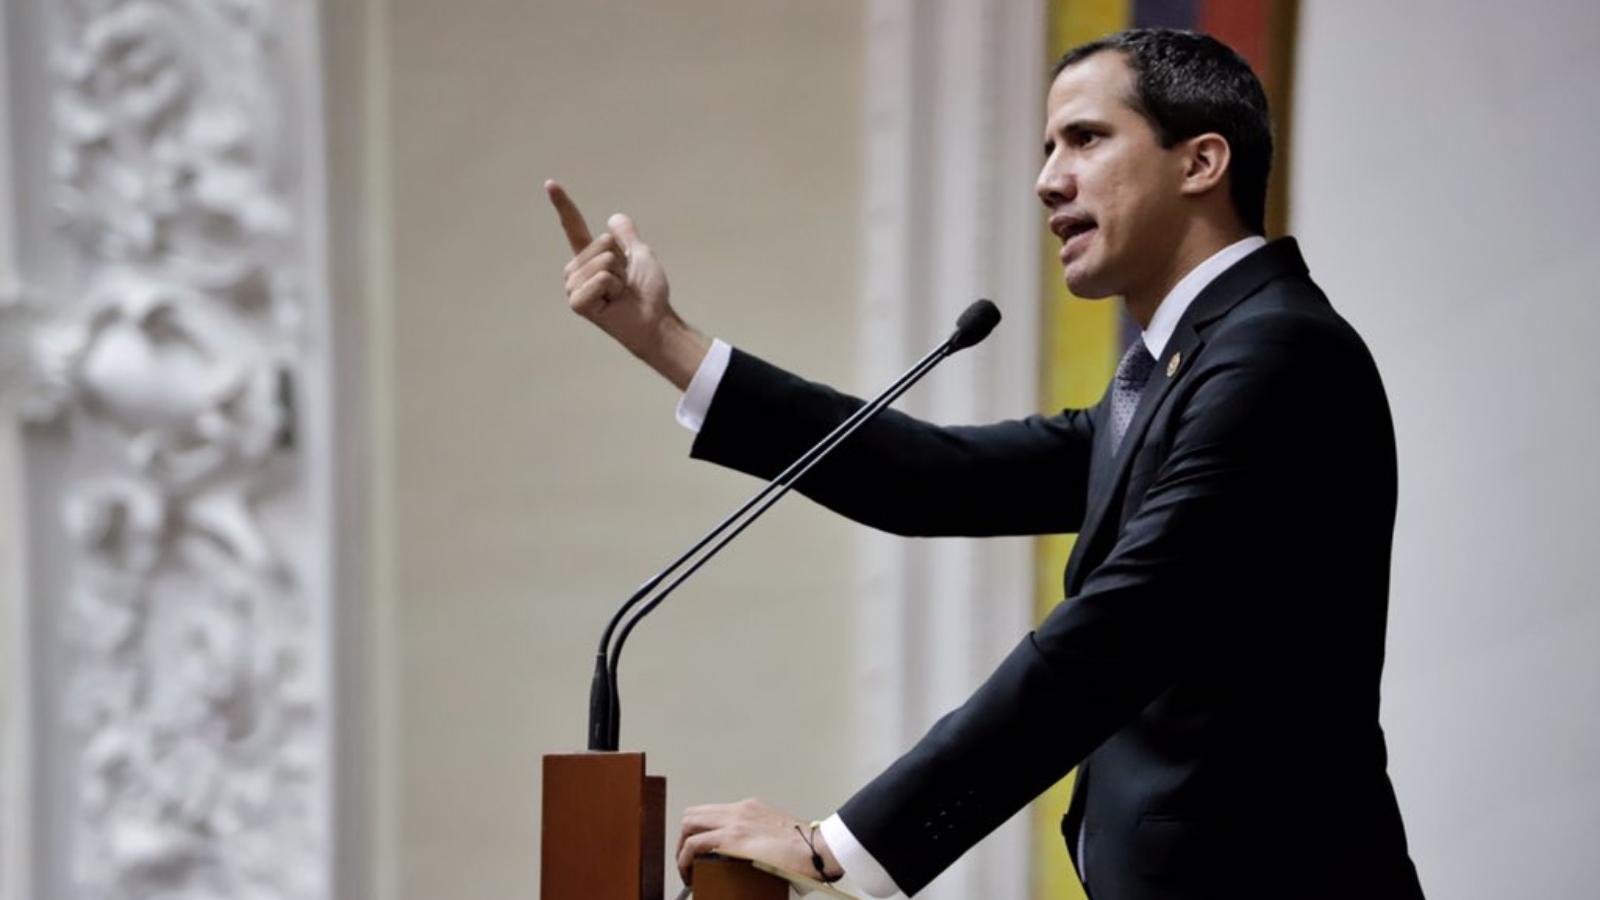 La oposición retomará diálogos con el gobierno de Maduro